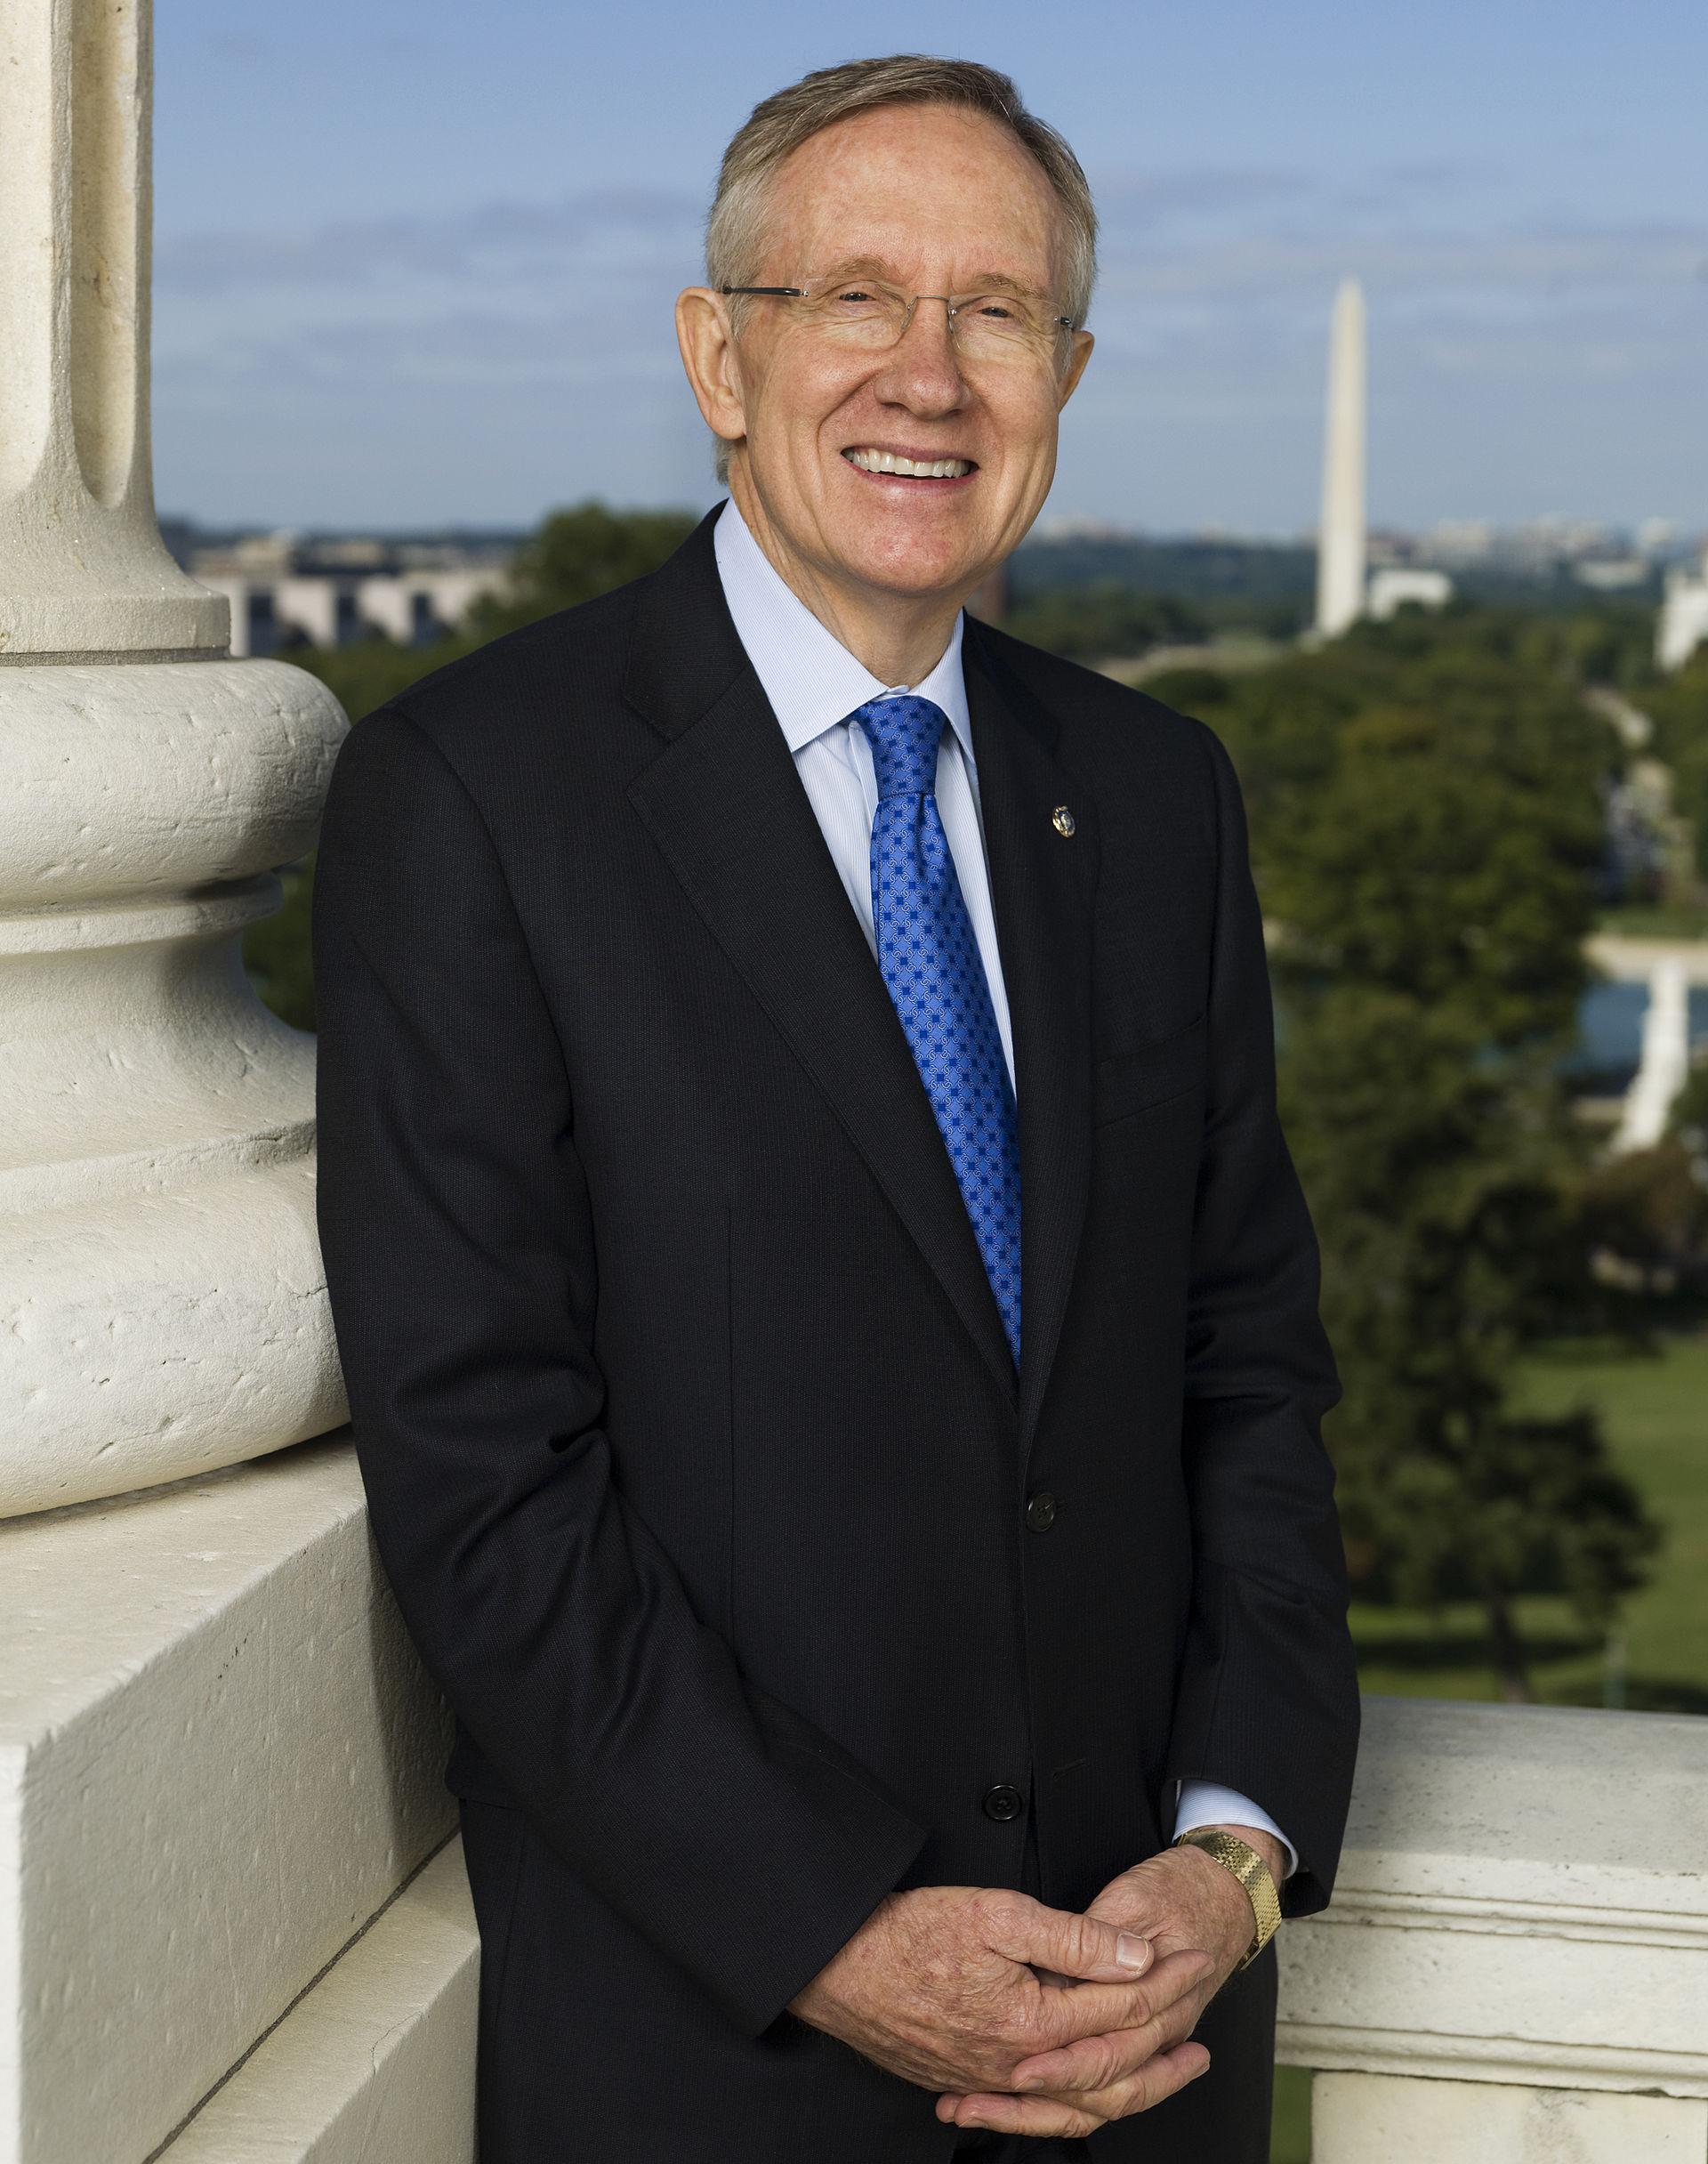 Harry Reid Wikipedia